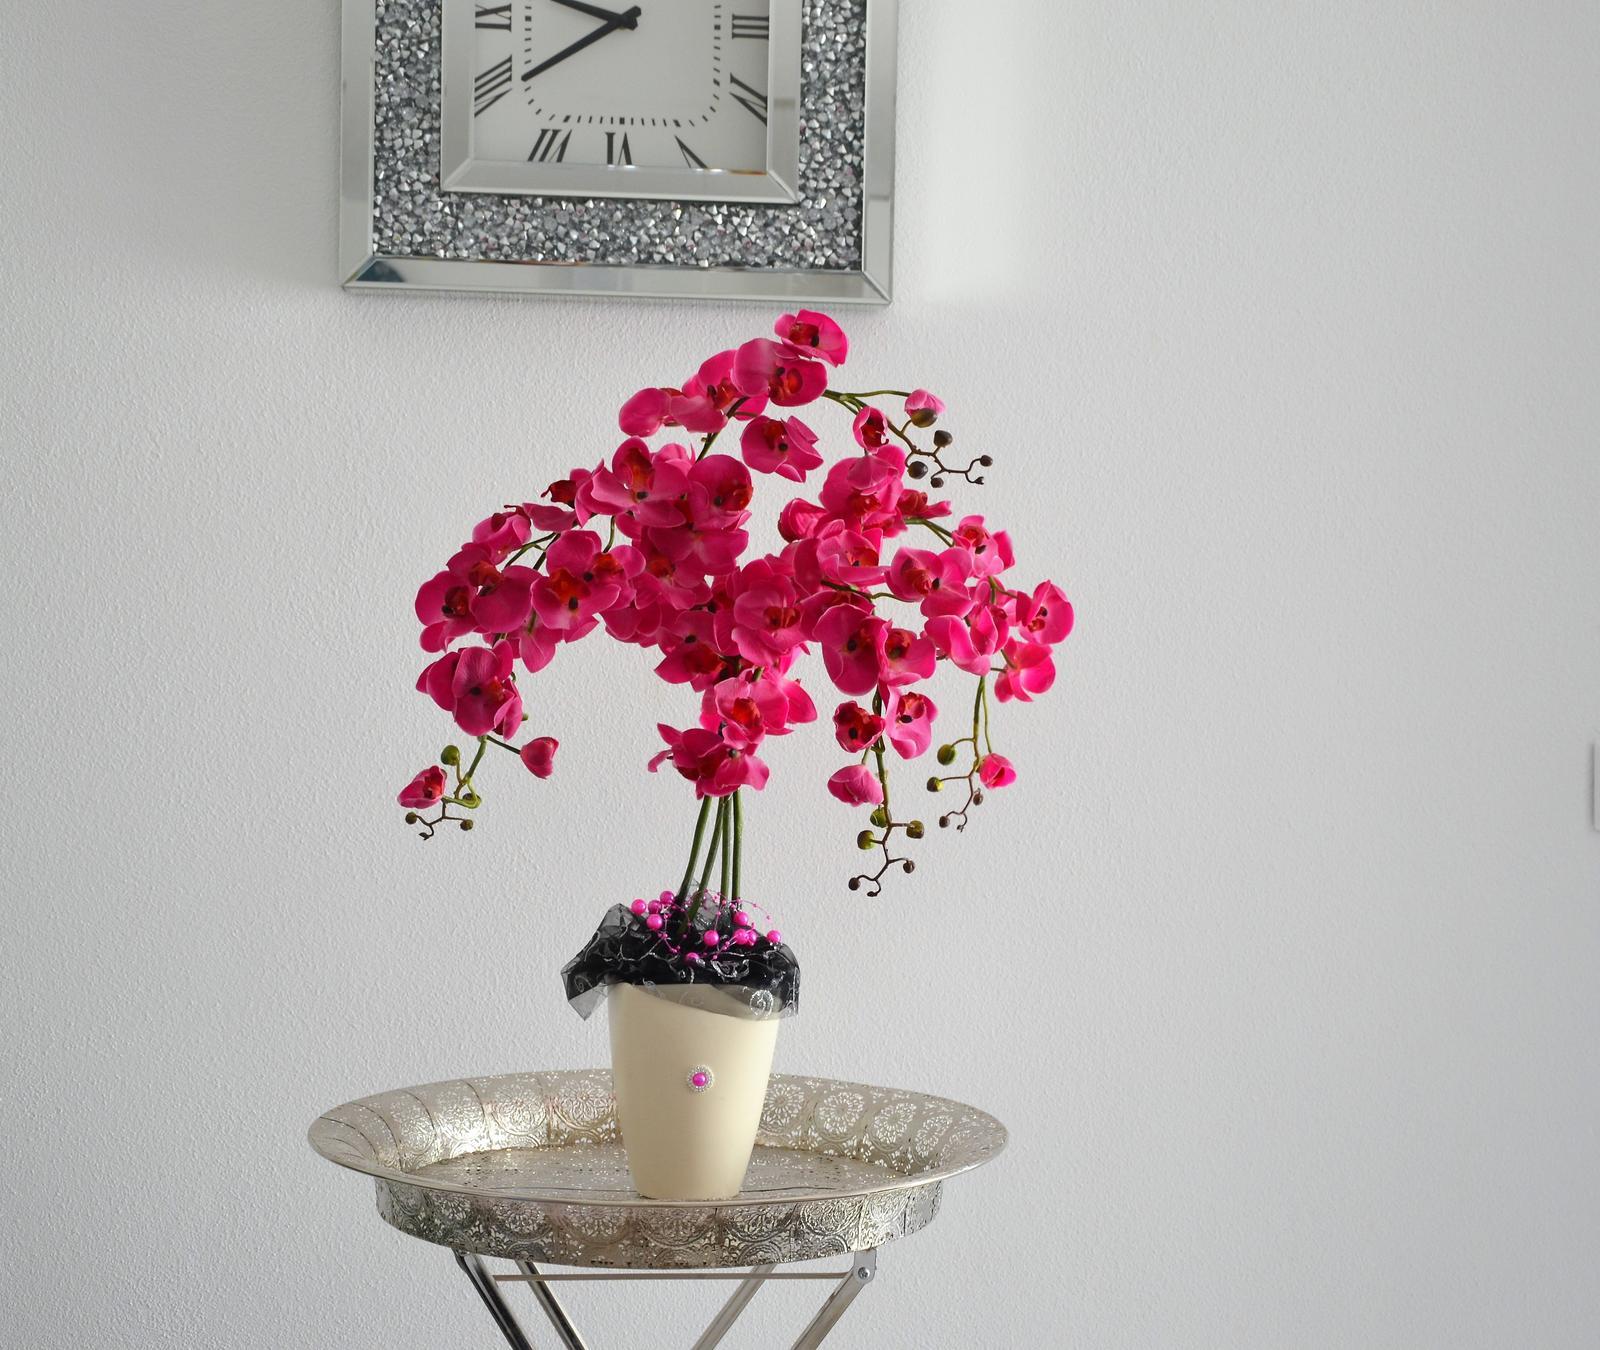 dekorácia orchidea - Obrázok č. 2